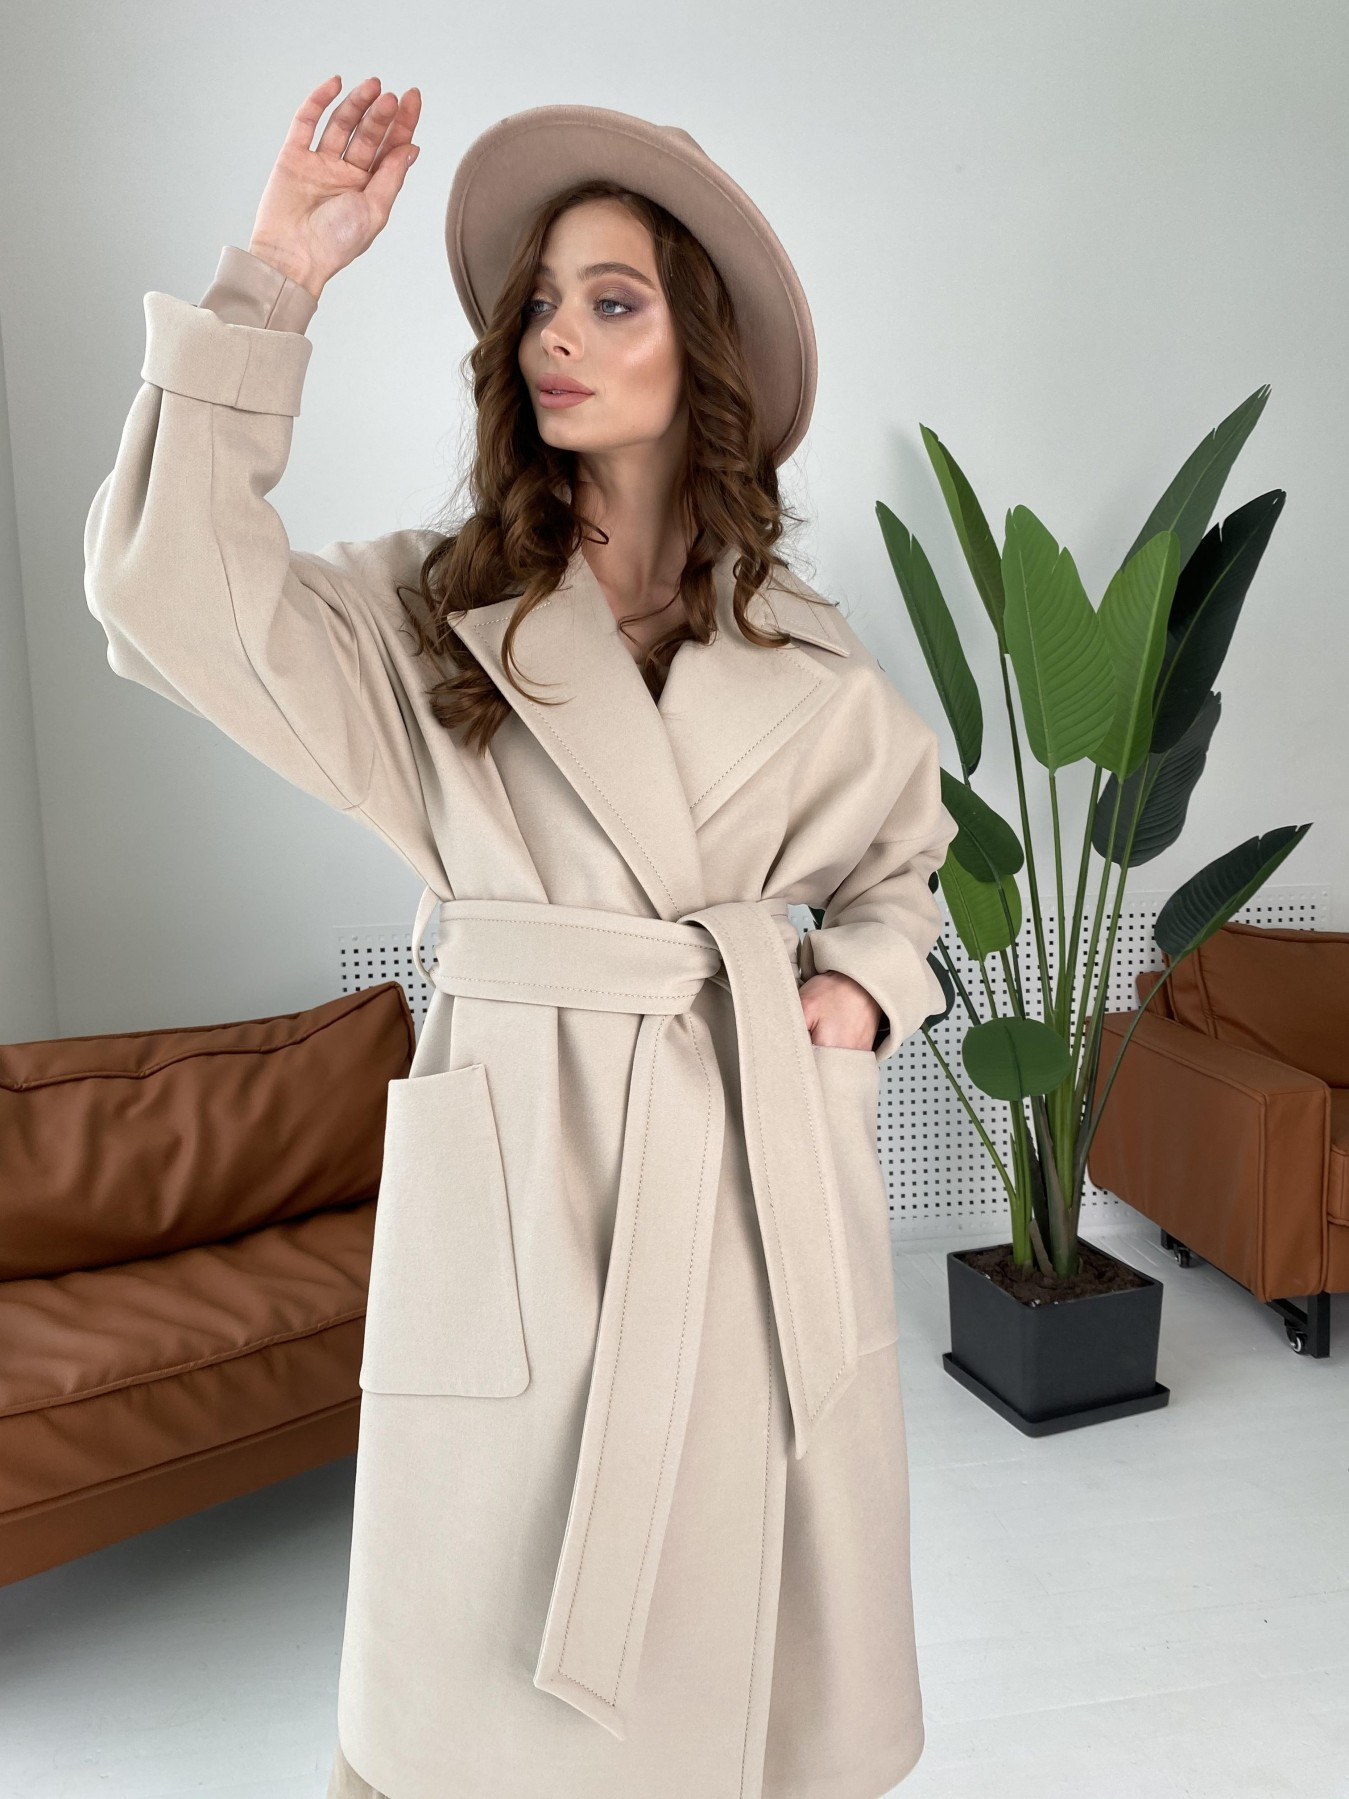 Кейт  пальто из кашемира 10539 АРТ. 46990 Цвет: Бежевый Светлый - фото 9, интернет магазин tm-modus.ru